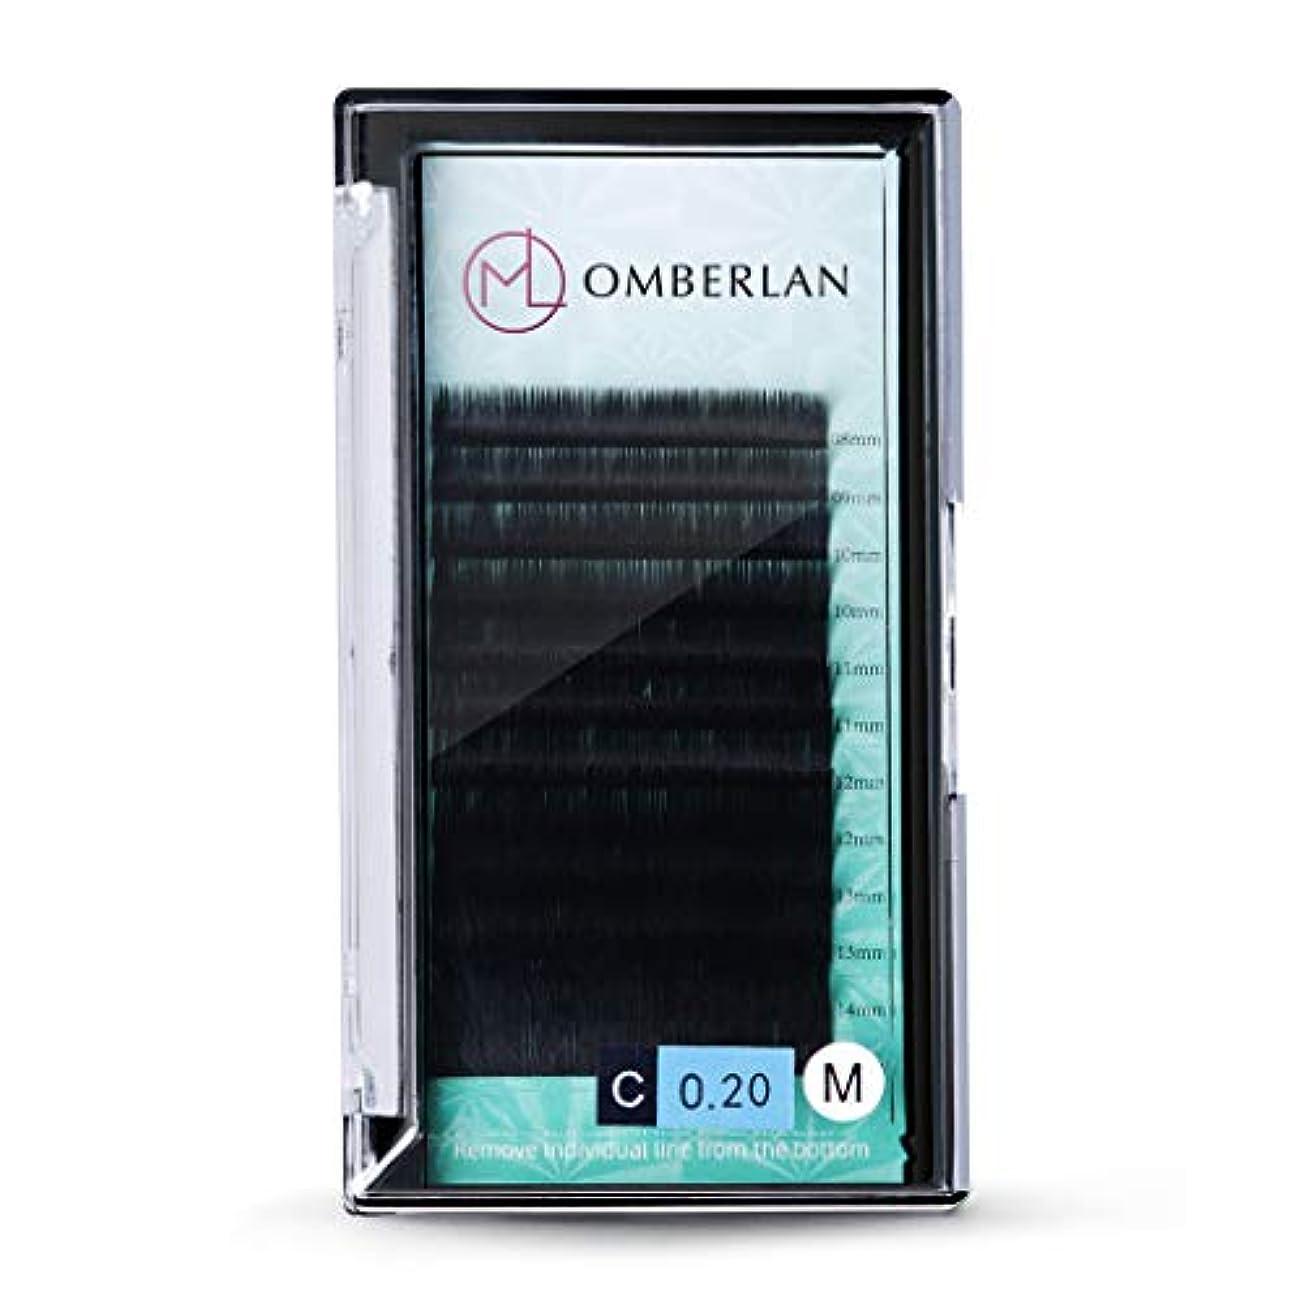 統合する不条理旋律的Omberlanまつげエクステ0.2㎜厚Cカール 8-15㎜ ミックストレイ12まつげ、自然、ソフトで魅力的なプロ用まつげエクステ(Cカール 0.2㎜)